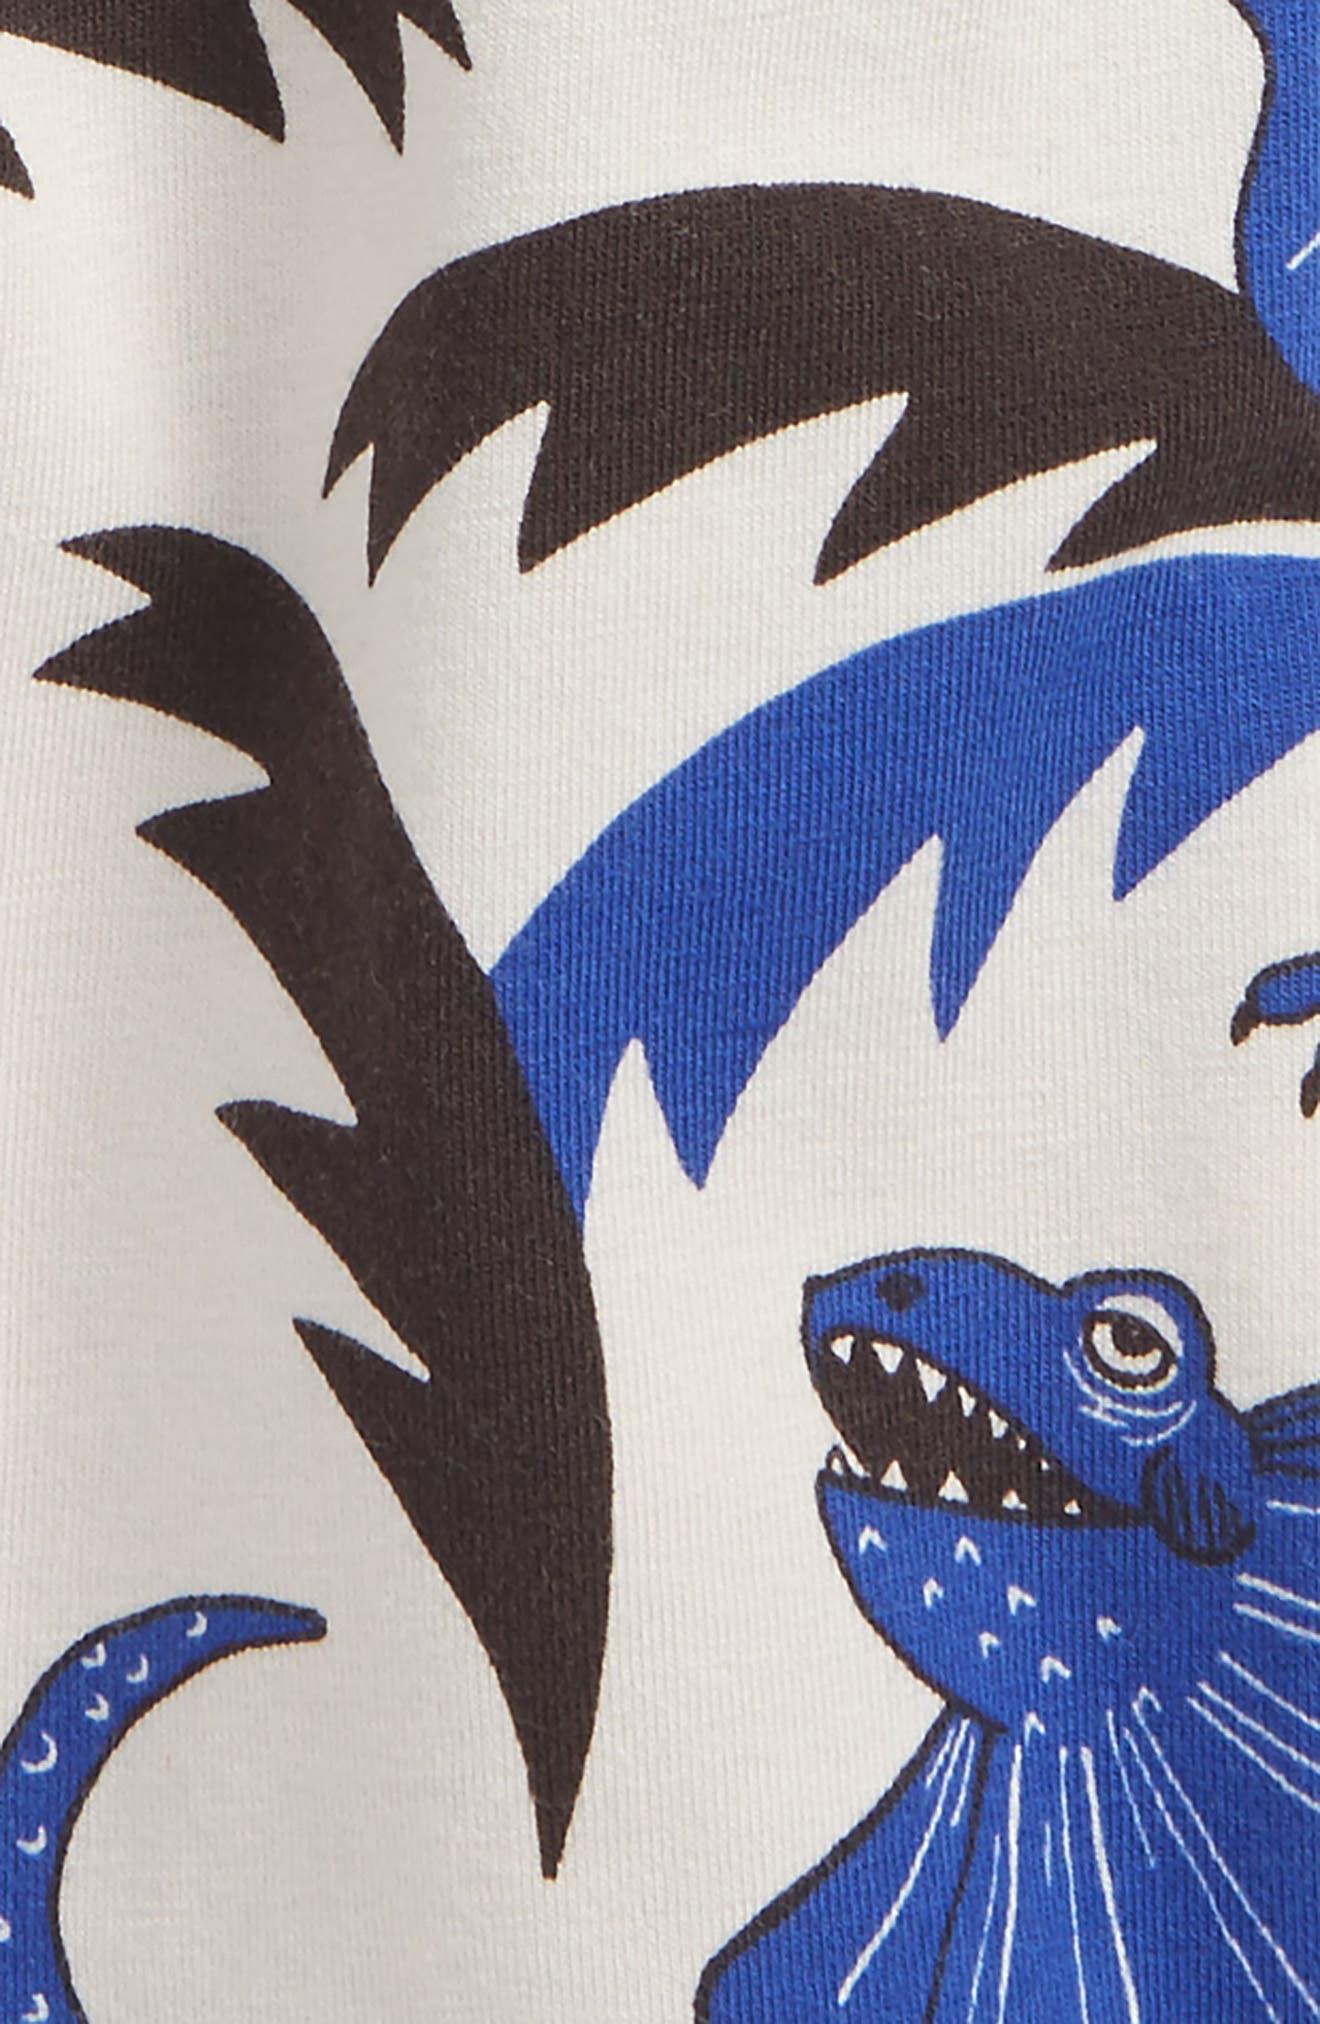 Draco Organic Cotton Blend T-Shirt,                             Alternate thumbnail 2, color,                             400